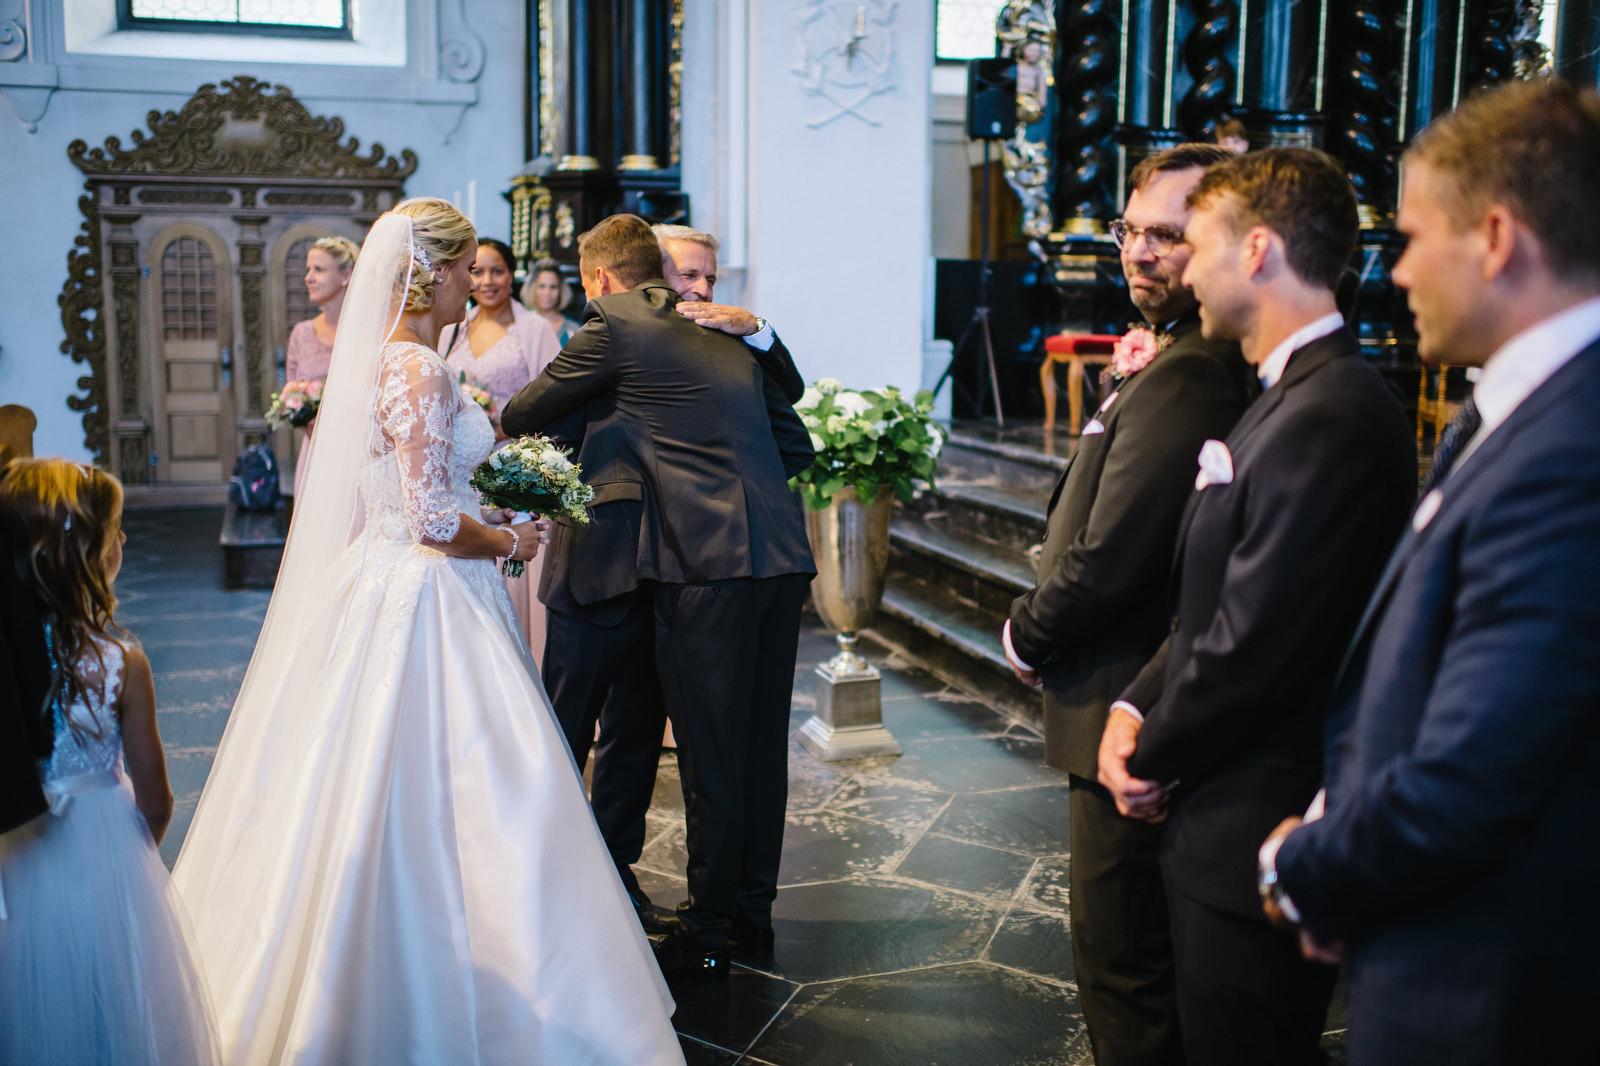 Fotograf Konstanz - Luxus Hochzeit Fotograf Grand Resort Bad Ragaz Schweiz Lichtenstein 233 1 - Destination wedding at the Grand Resort Bad Ragaz, Swiss  - 143 -